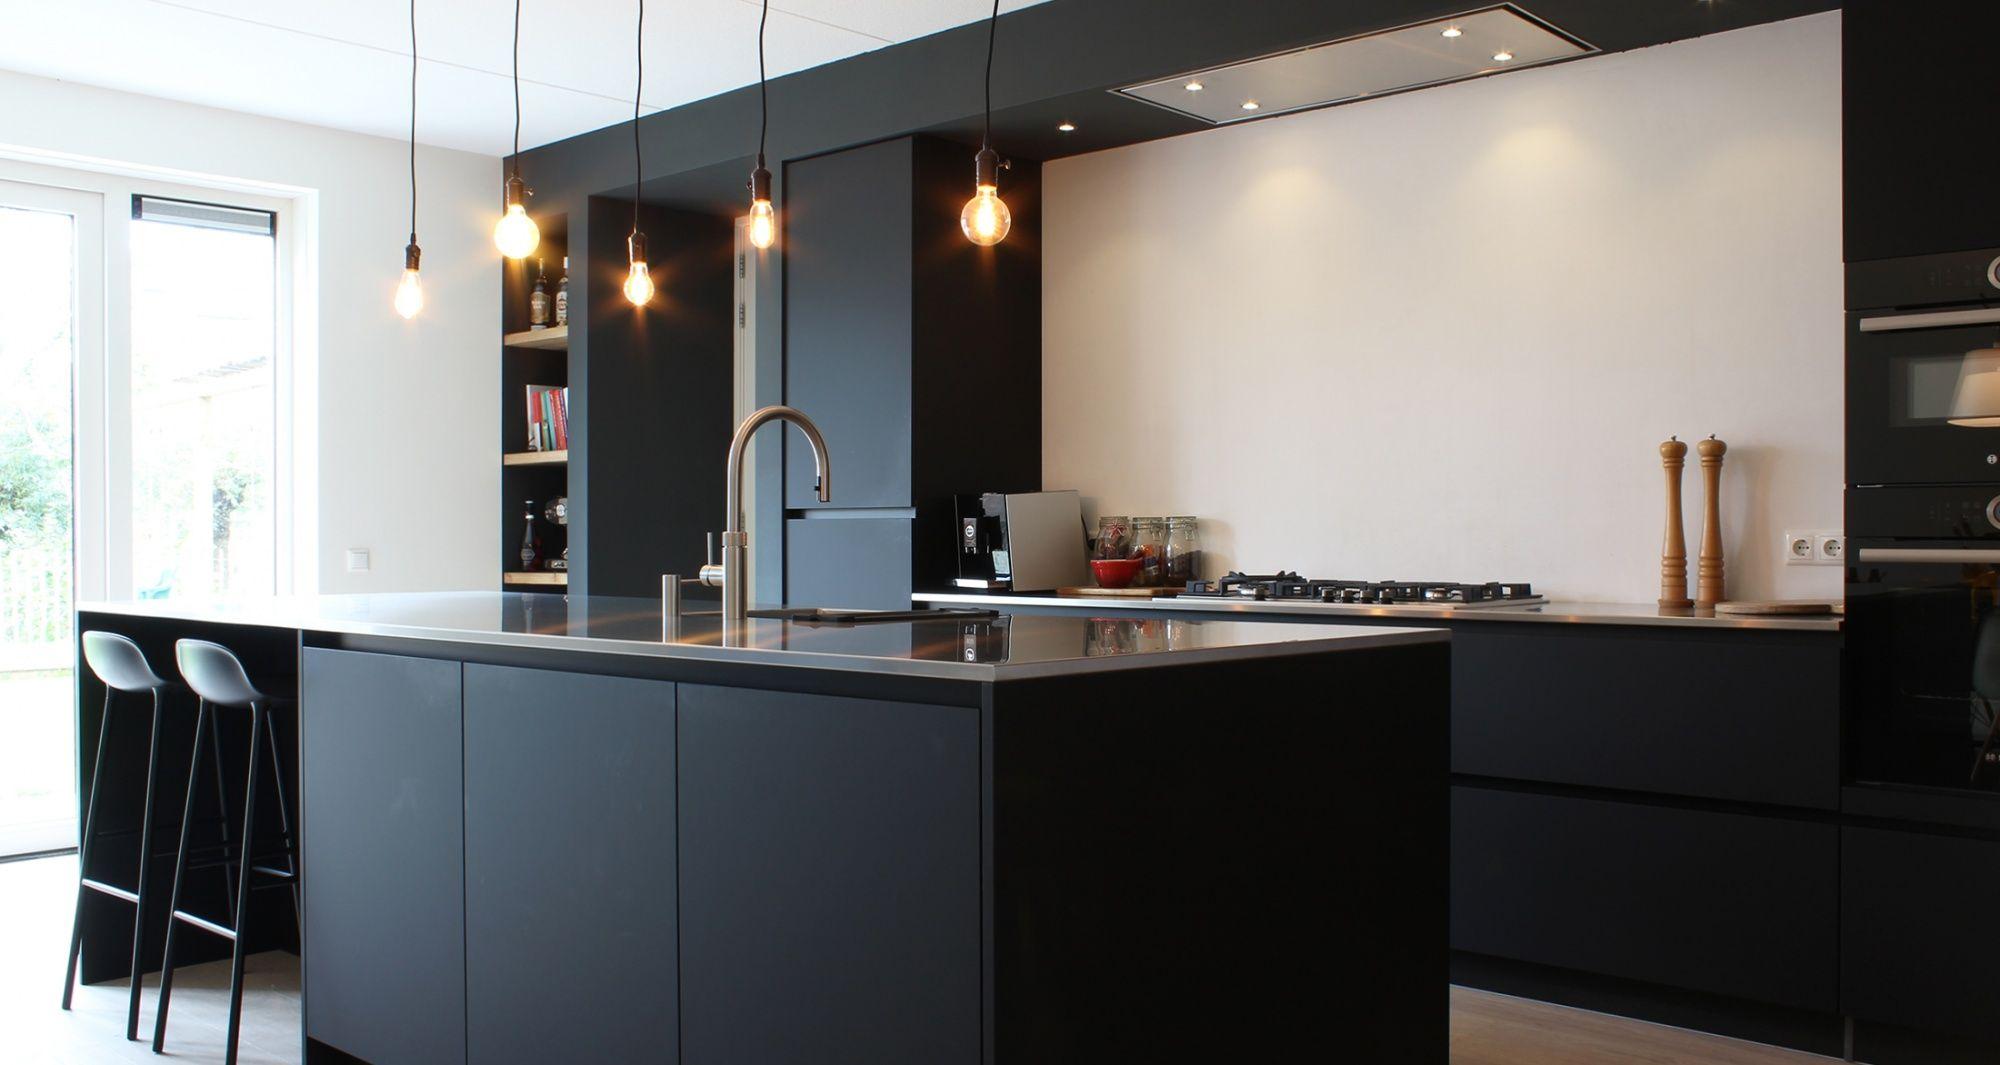 Mat Zwarte Keuken : Mat zwarte keuken met rvs blad keuken keuken keuken zwart en